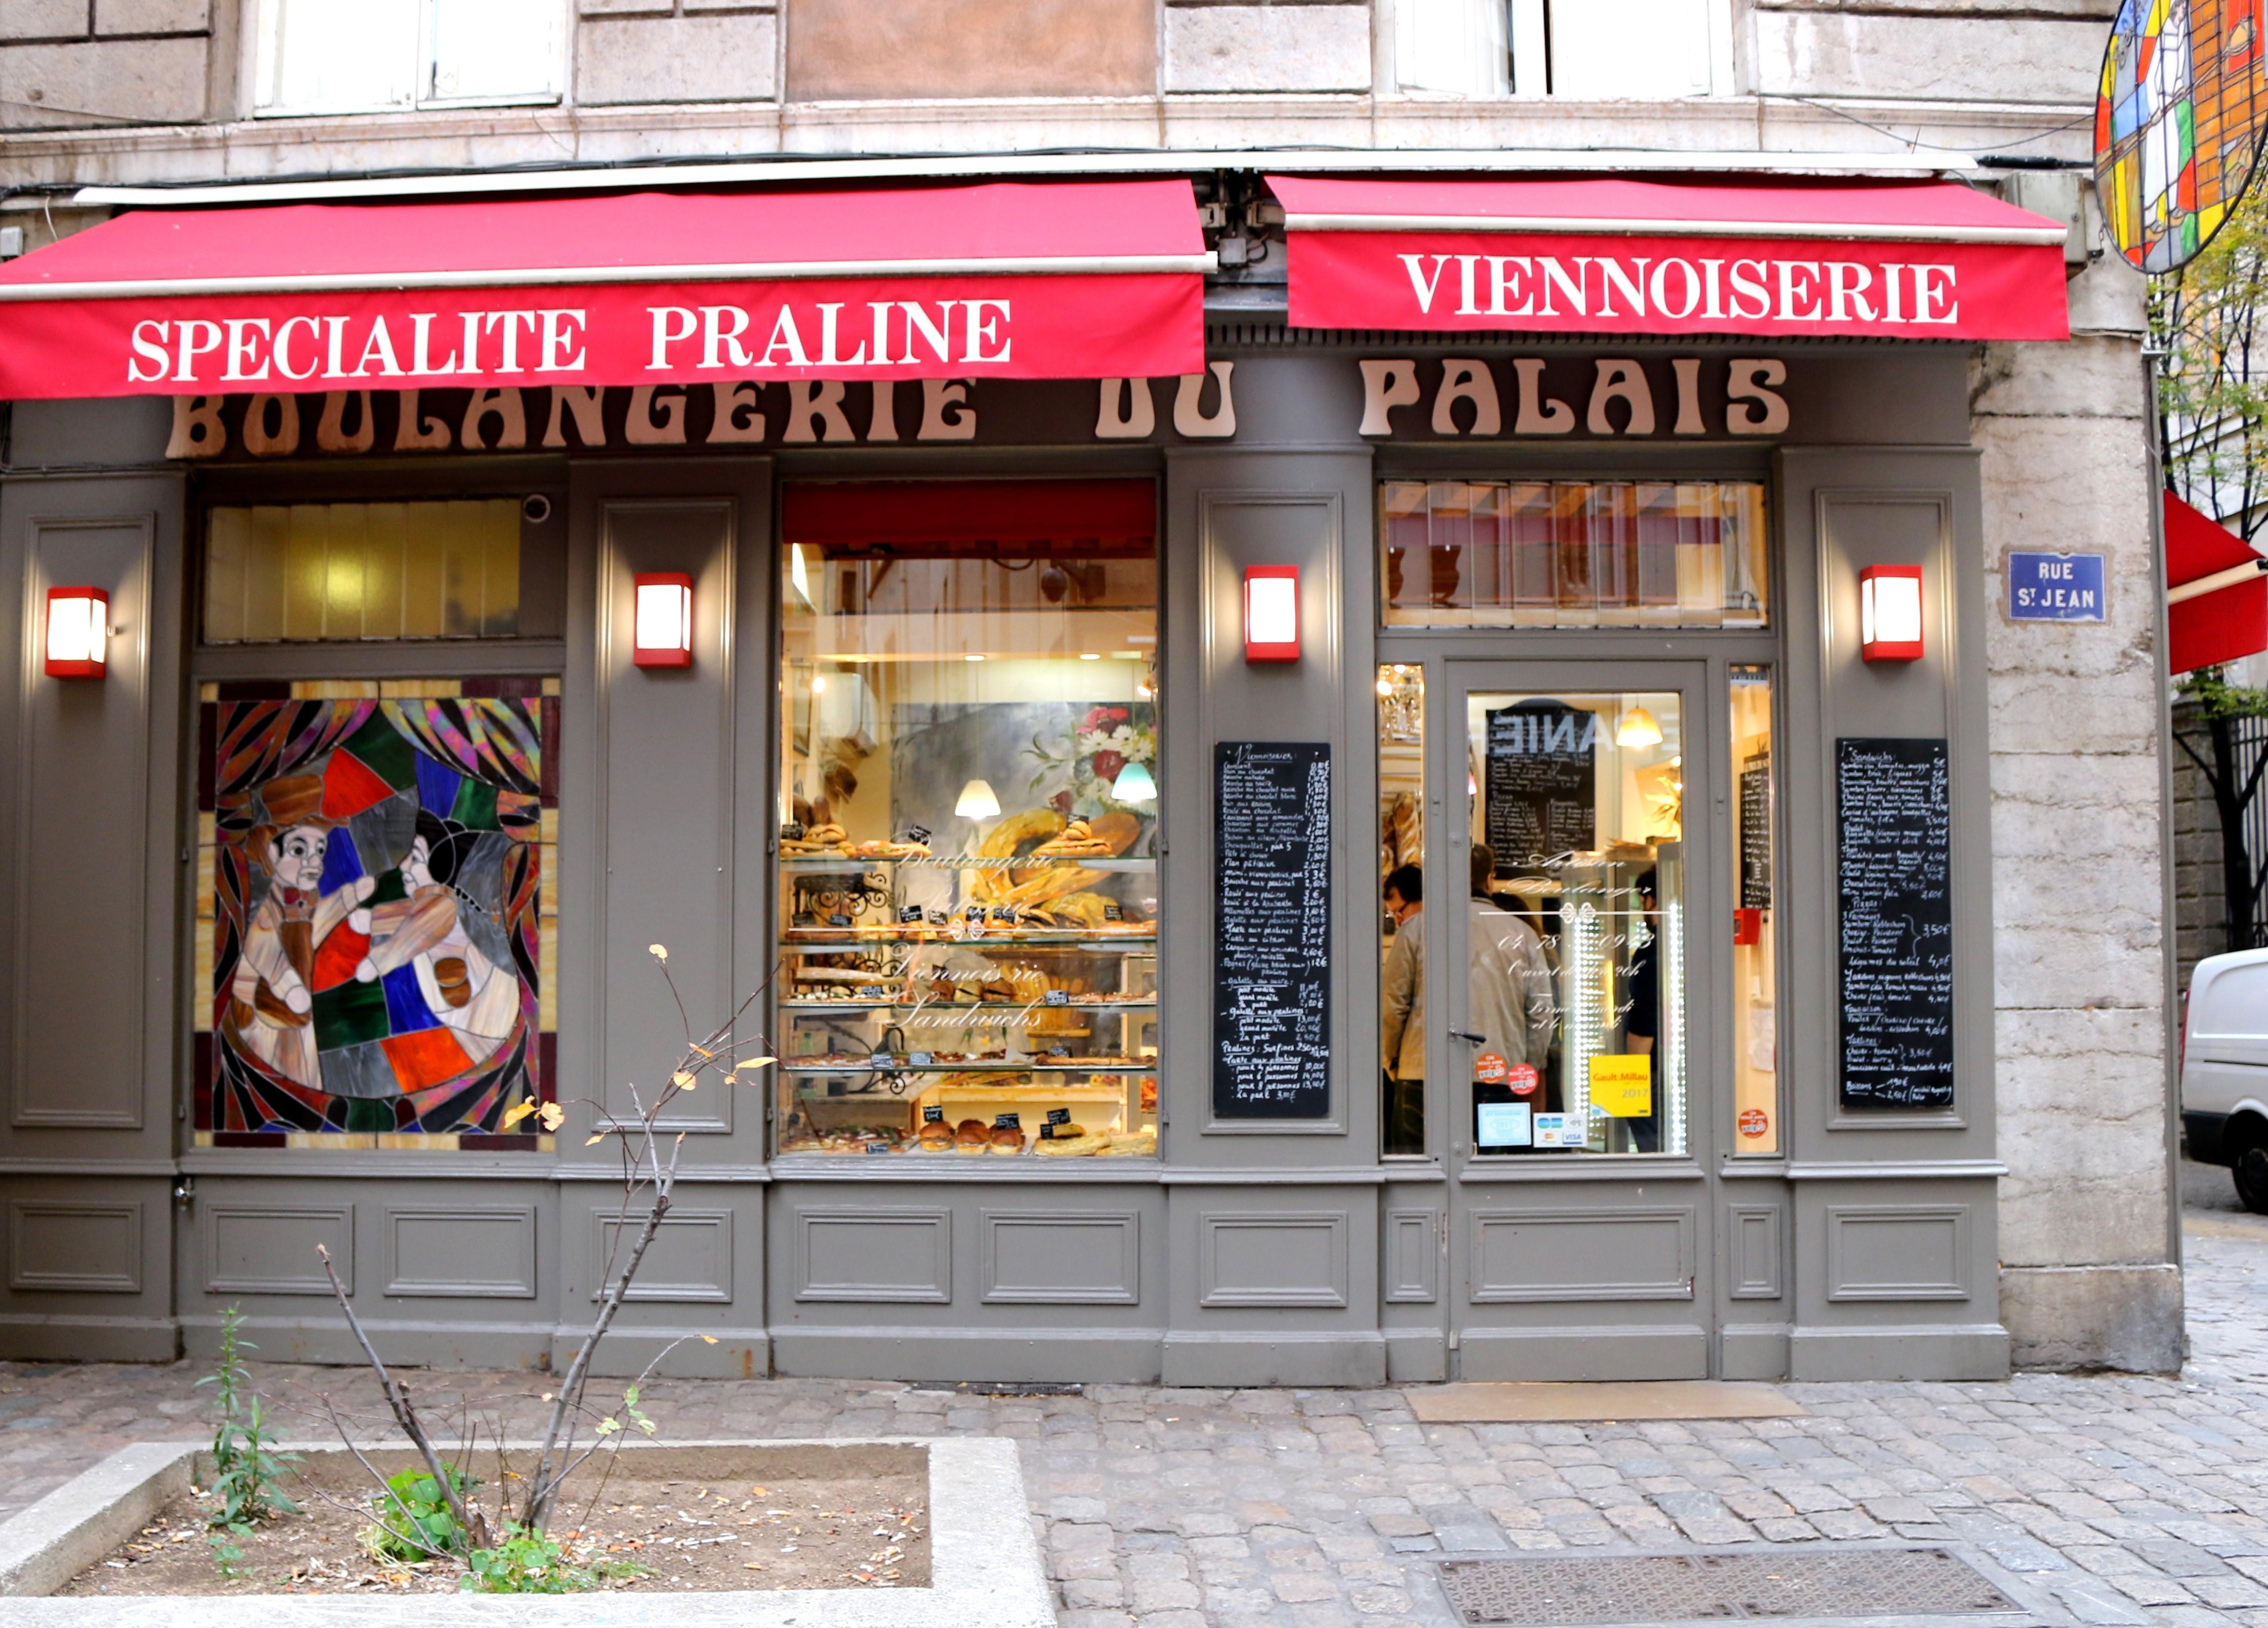 Typisch Französisch - Spezialitäten in Lyon